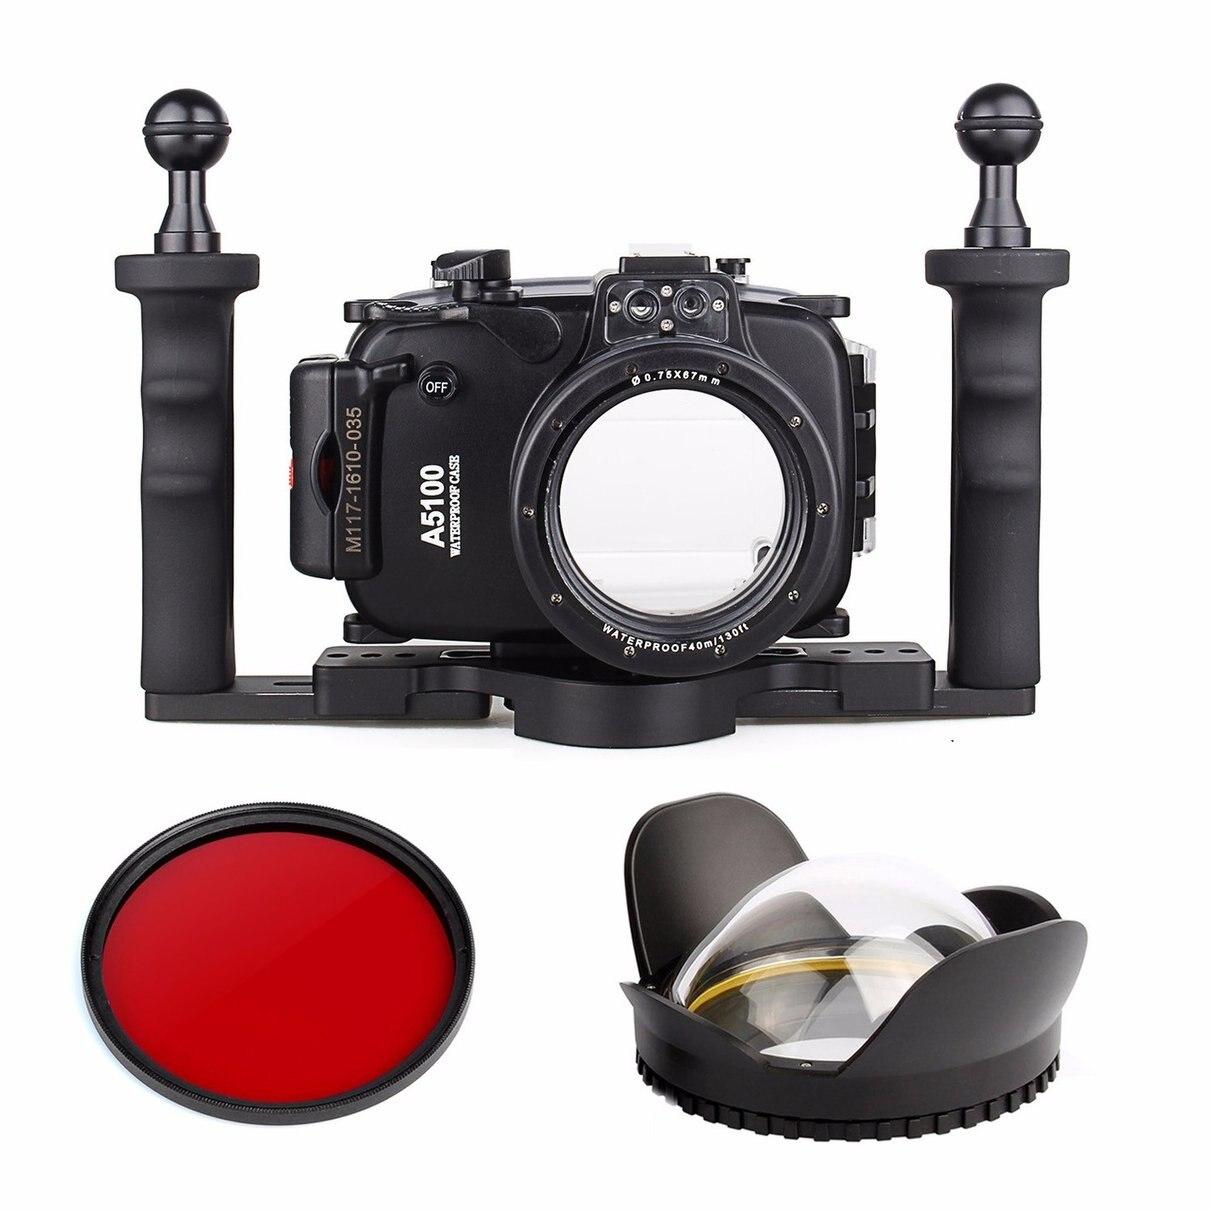 40 м Водонепроницаемый подводный Камера Корпус сумка для sony A5100 16-50 мм + две руки алюминиевый лоток + рыбий глаз + красный фильтр